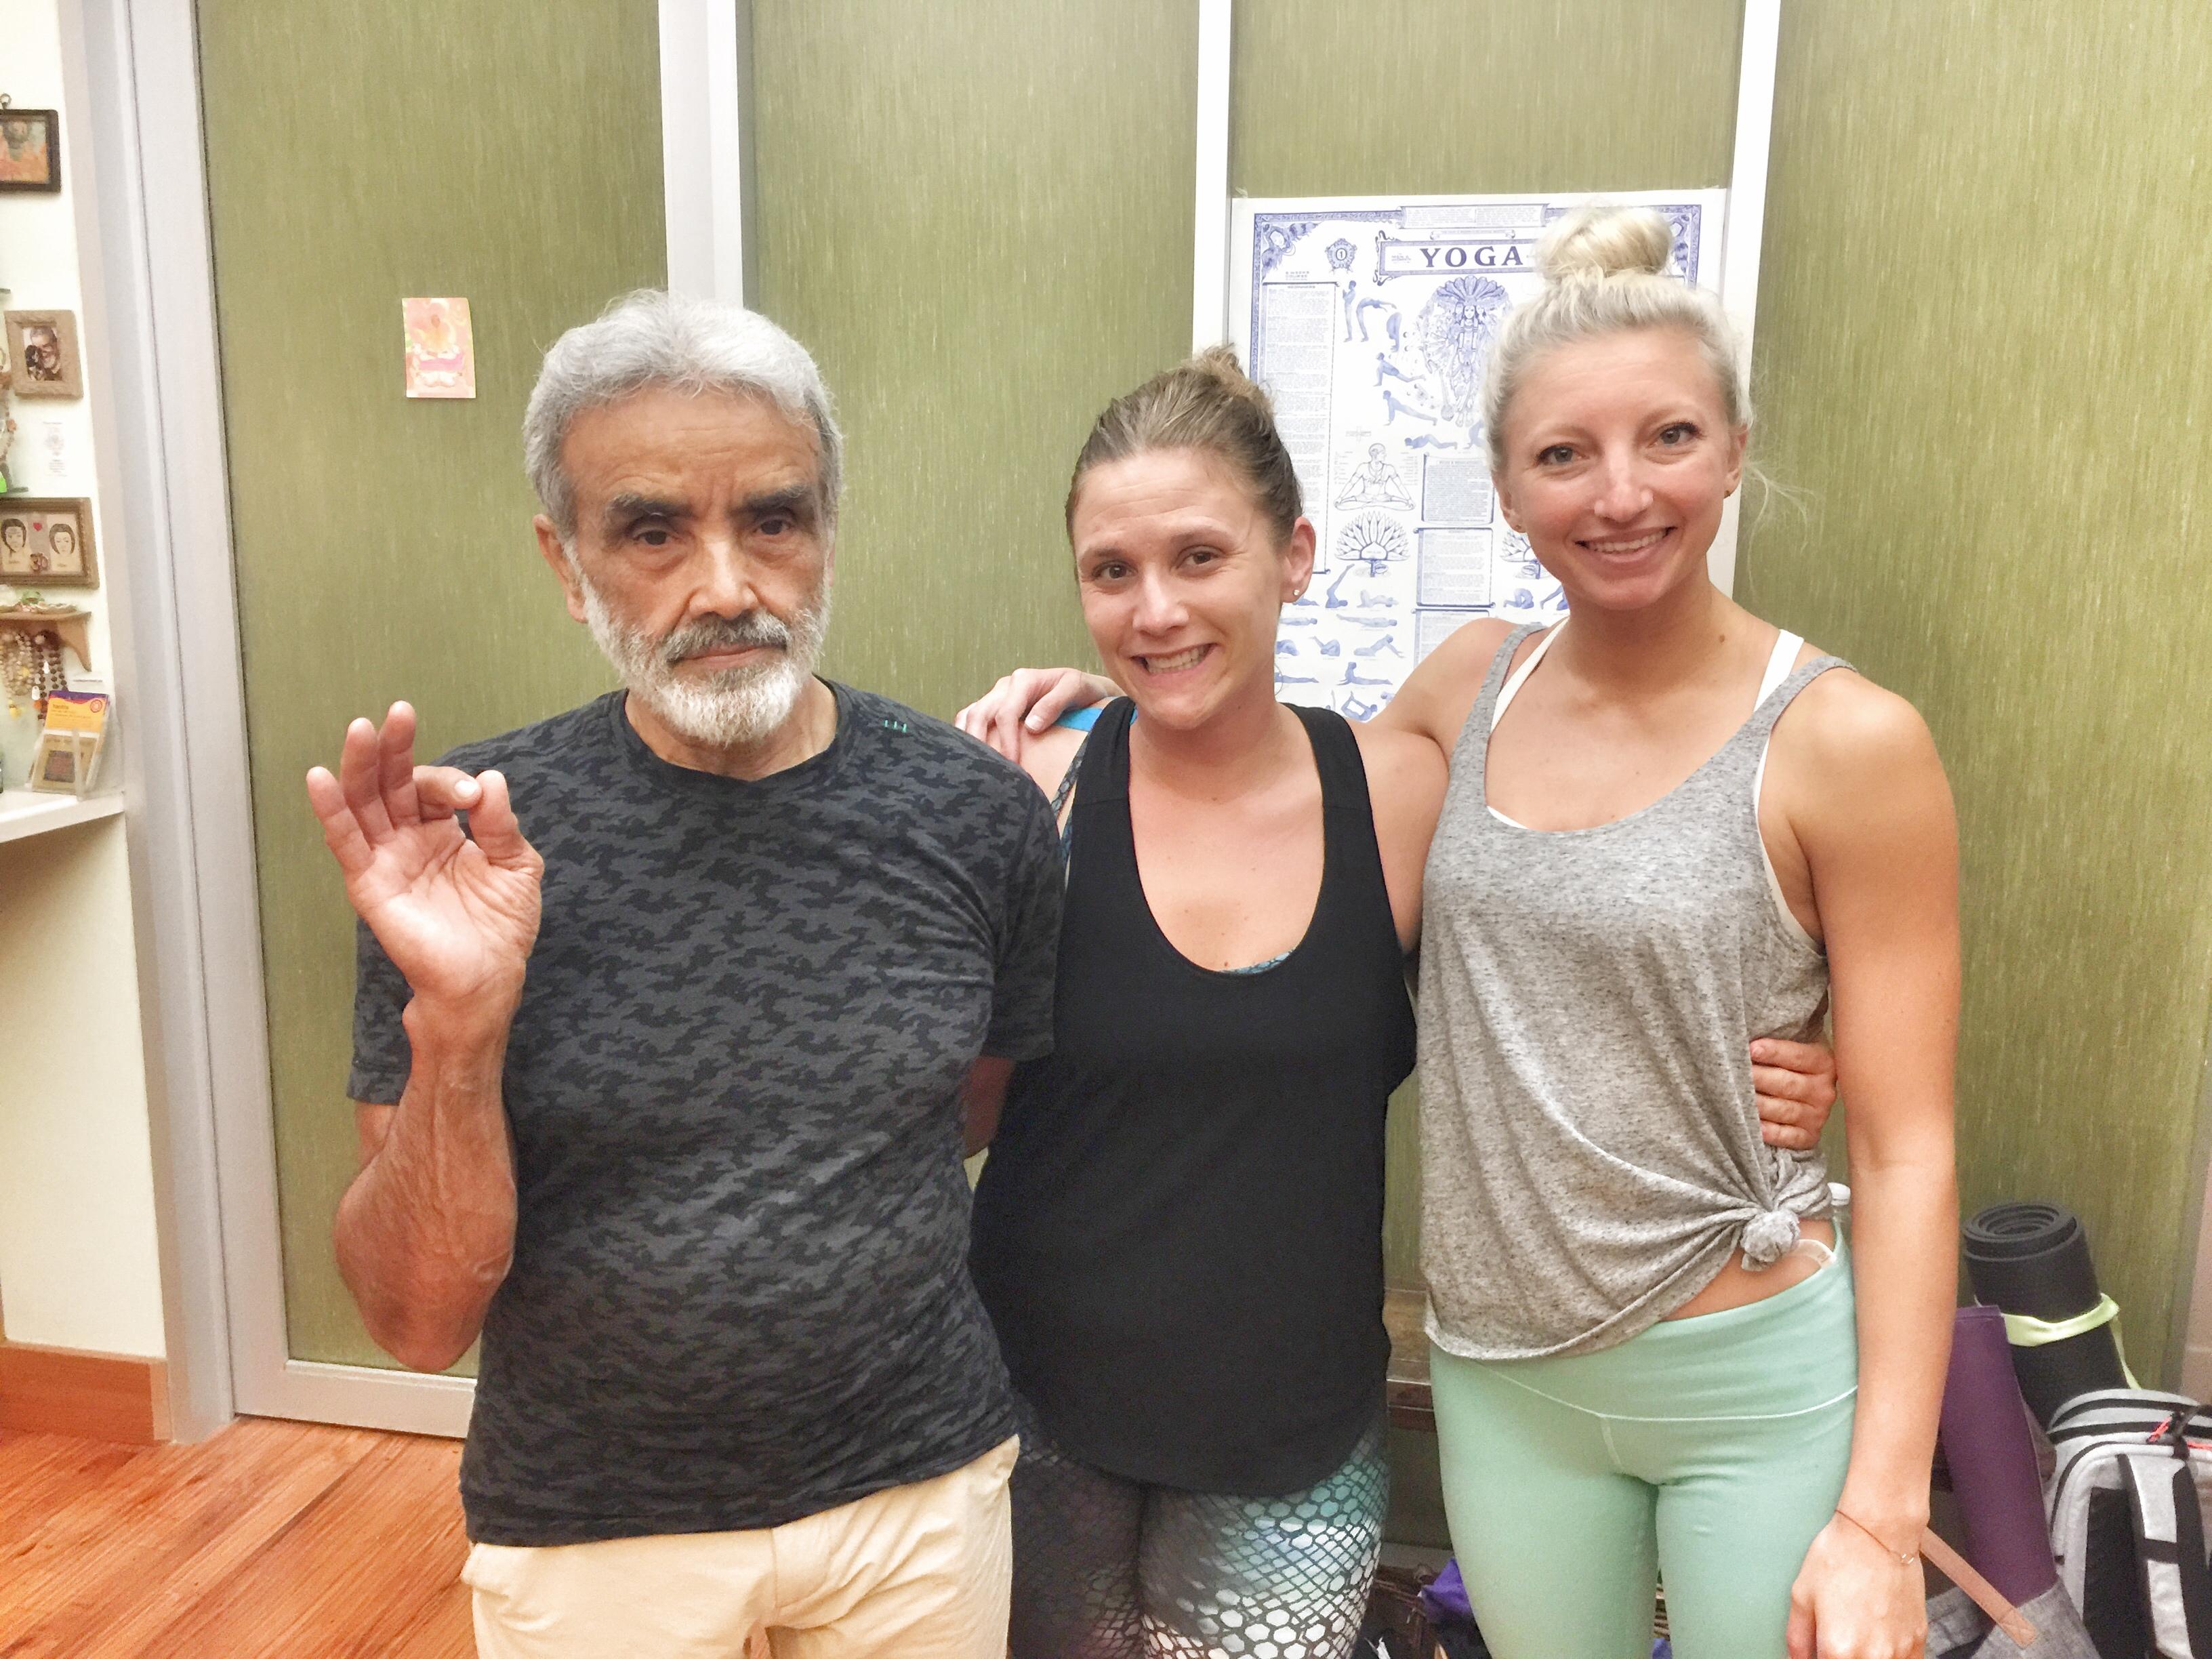 dharma mittra nina elise yoga